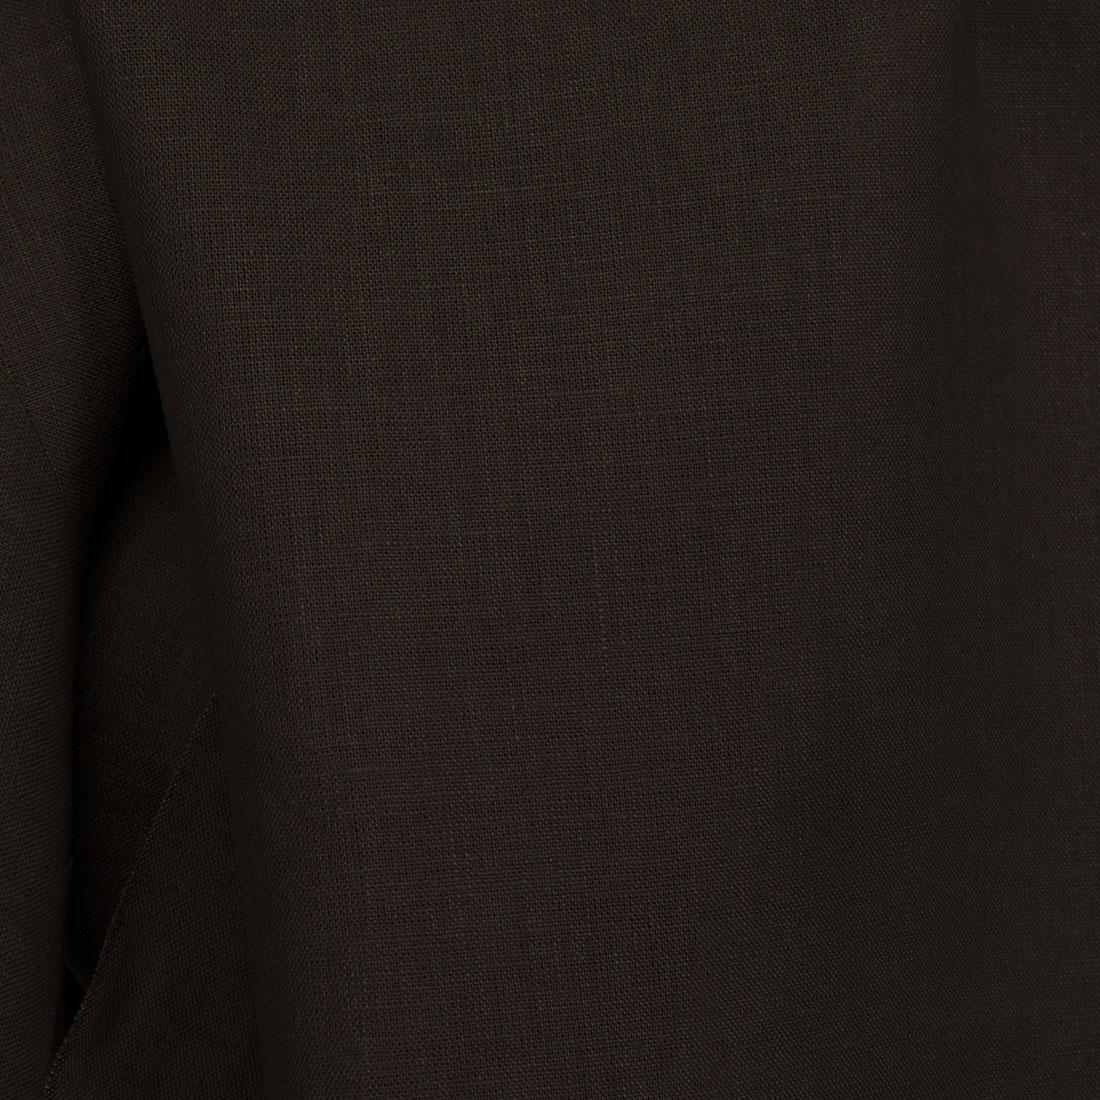 6df15cd7 100% lin i en mørkebrun farge - linbutikken.no